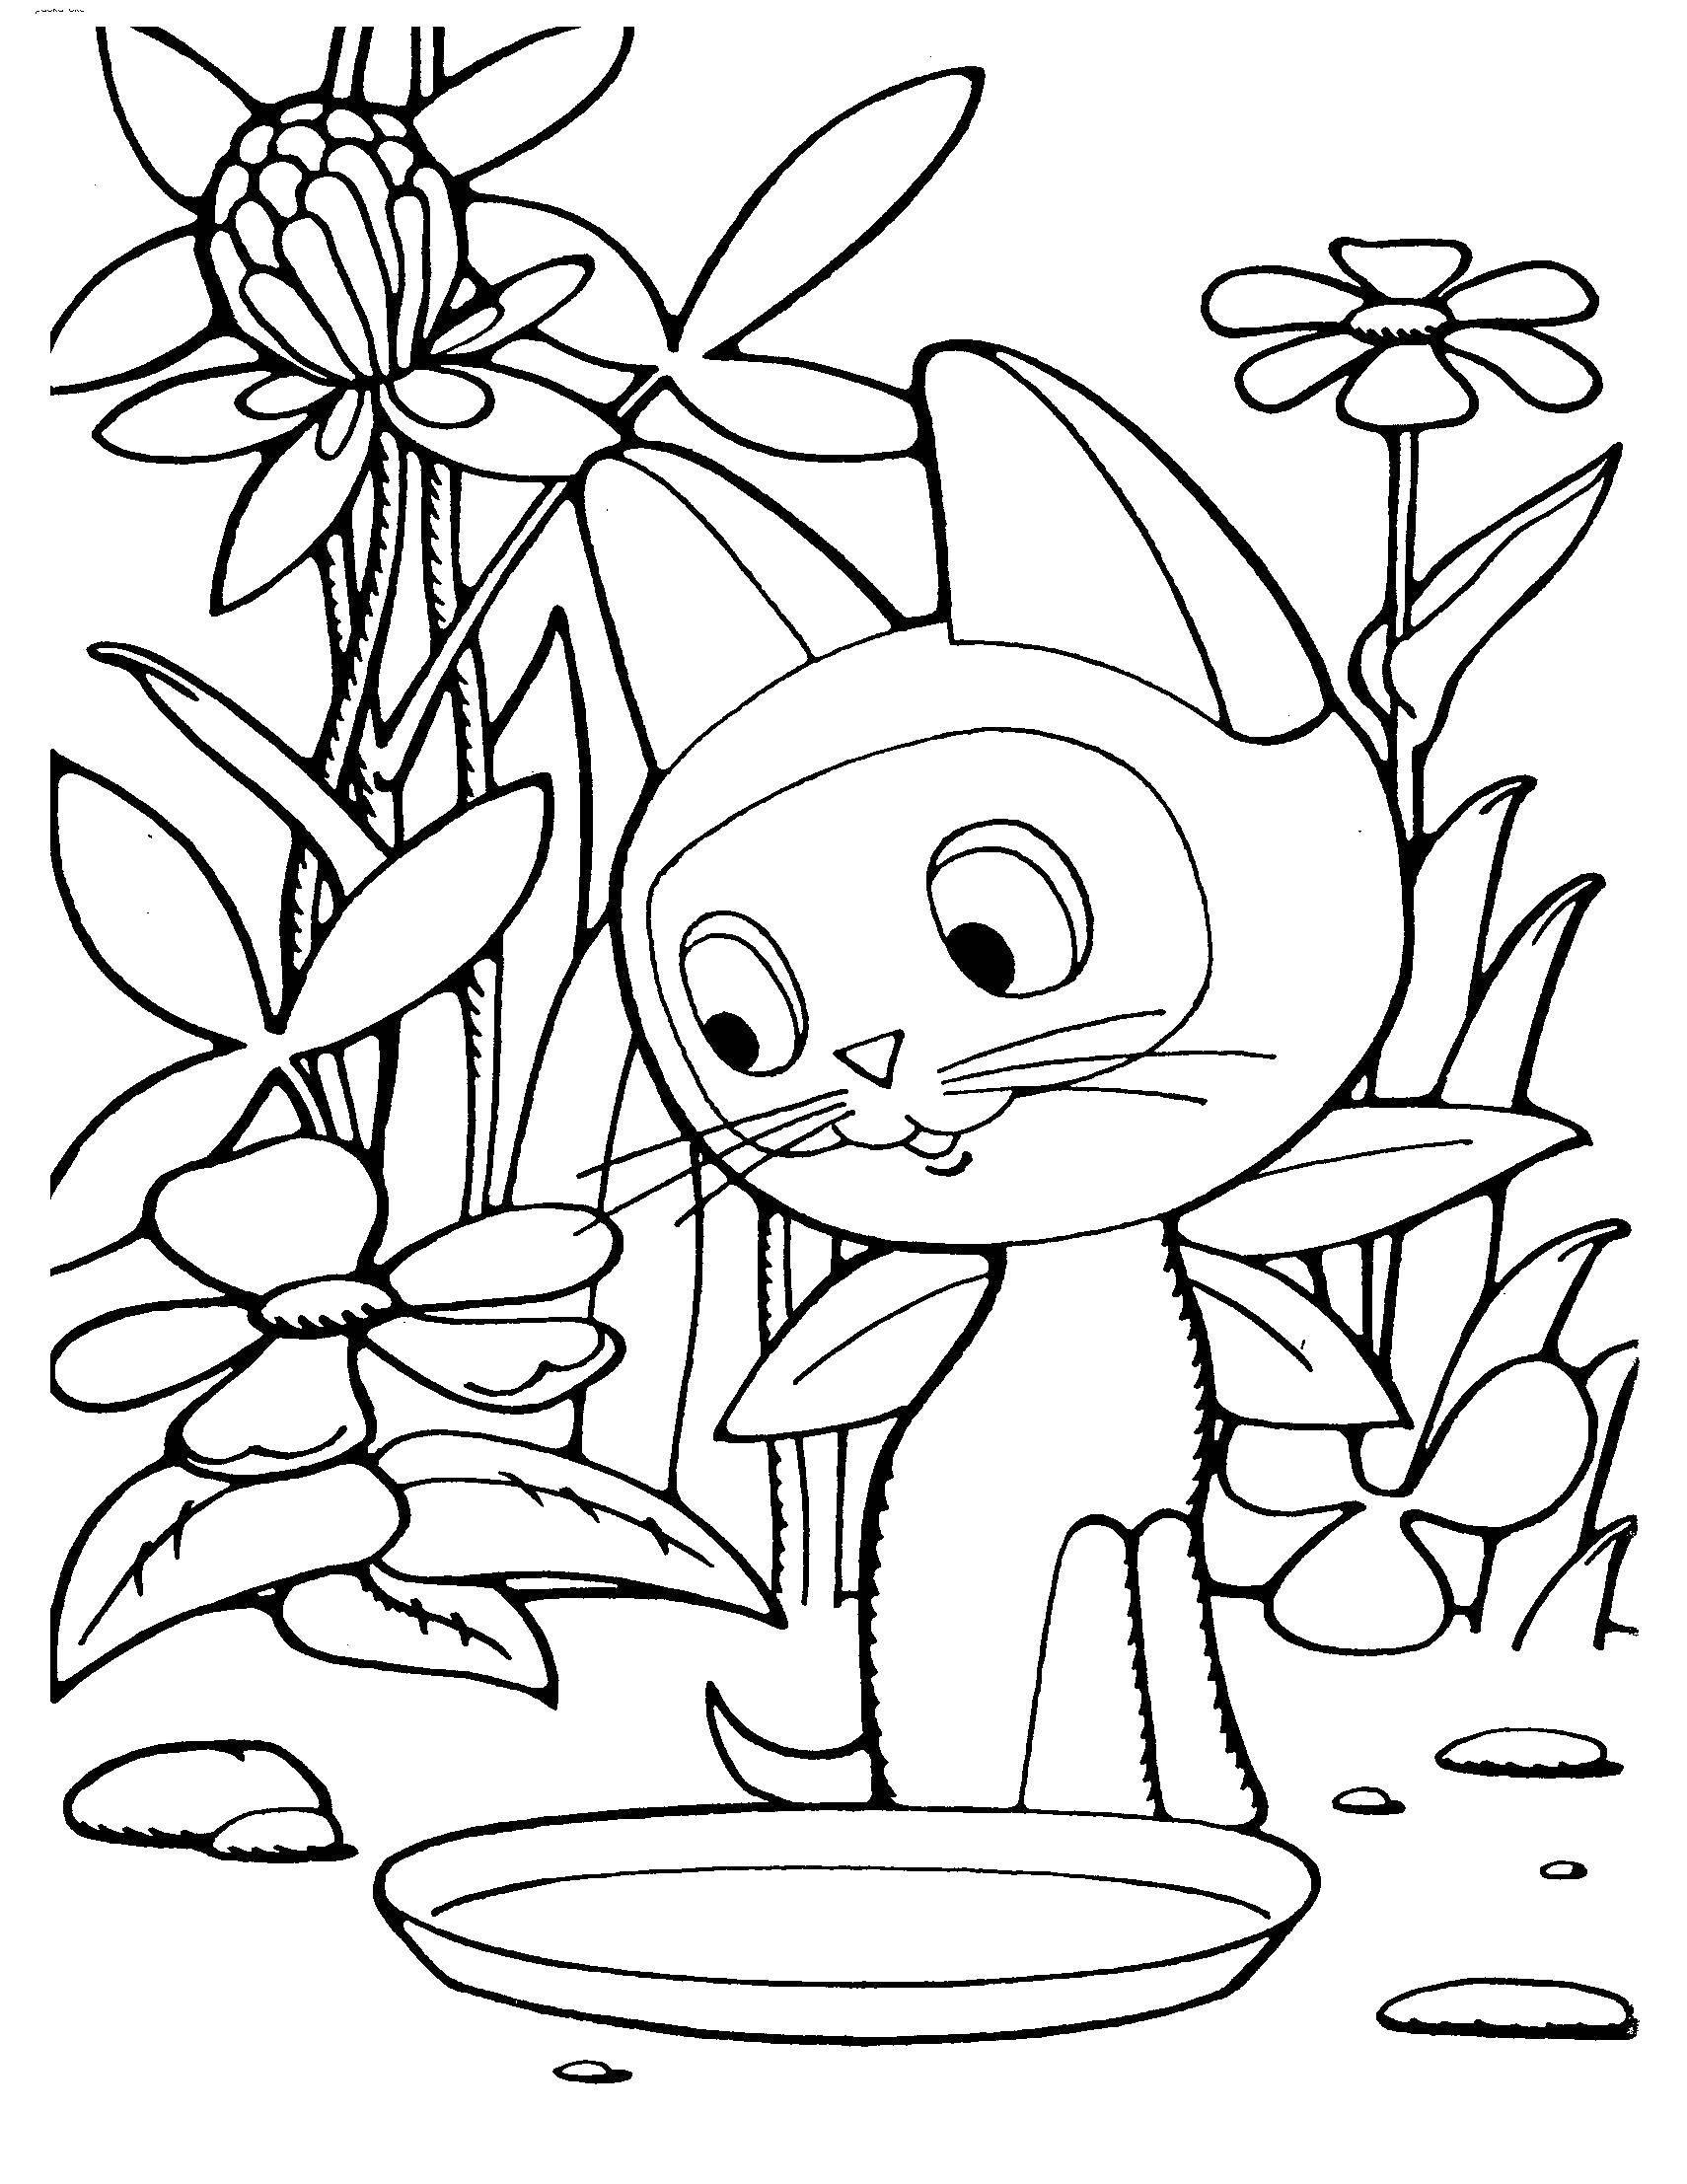 Раскраска Котёнок по имени гав  Скачать Персонаж из мультфильма, котенок по имени Гав .  Распечатать ,котенок гав,